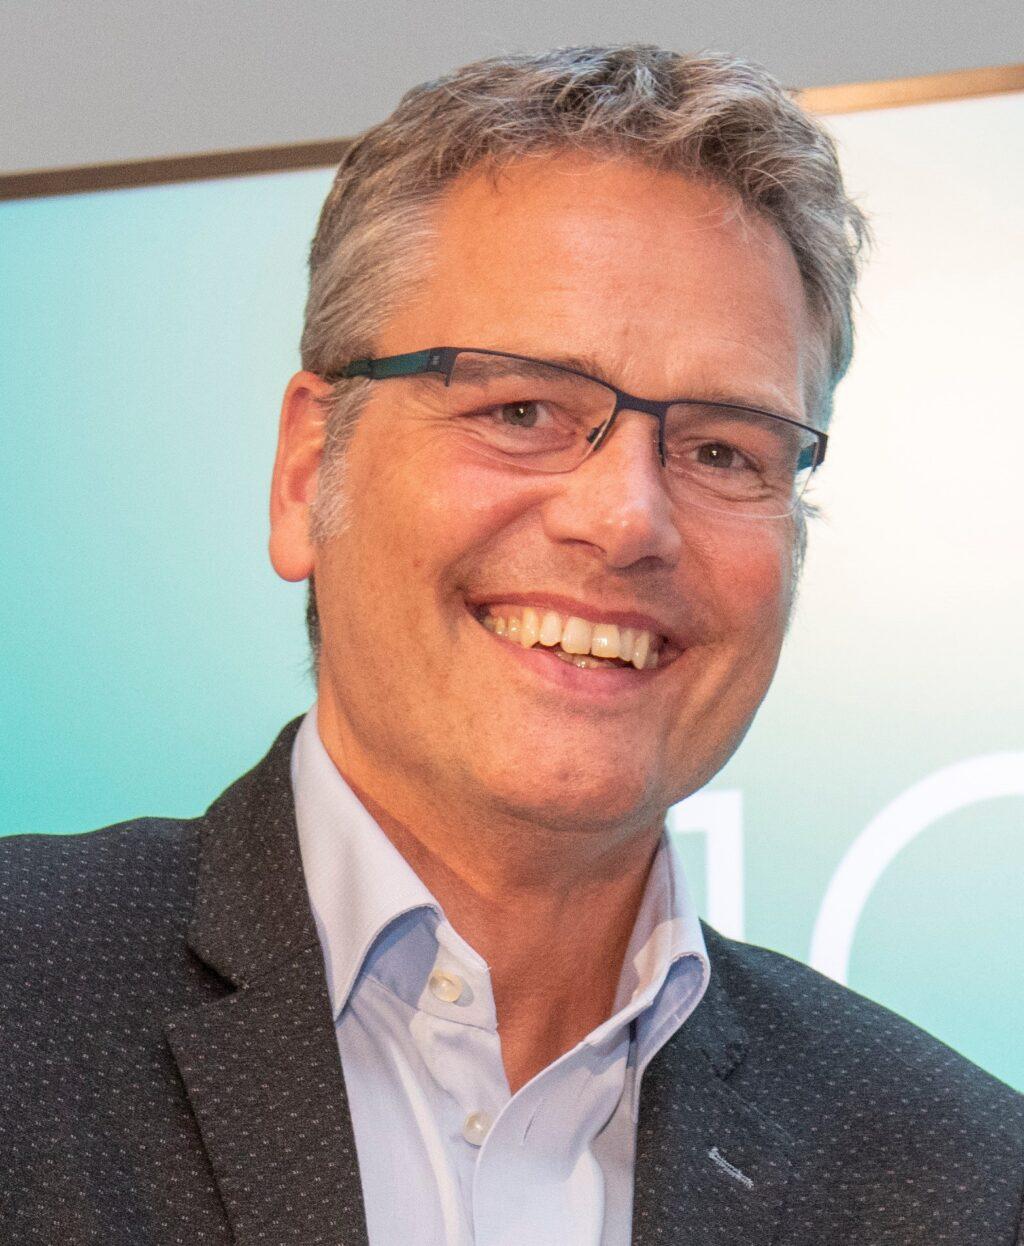 Profiel Jan Kastje